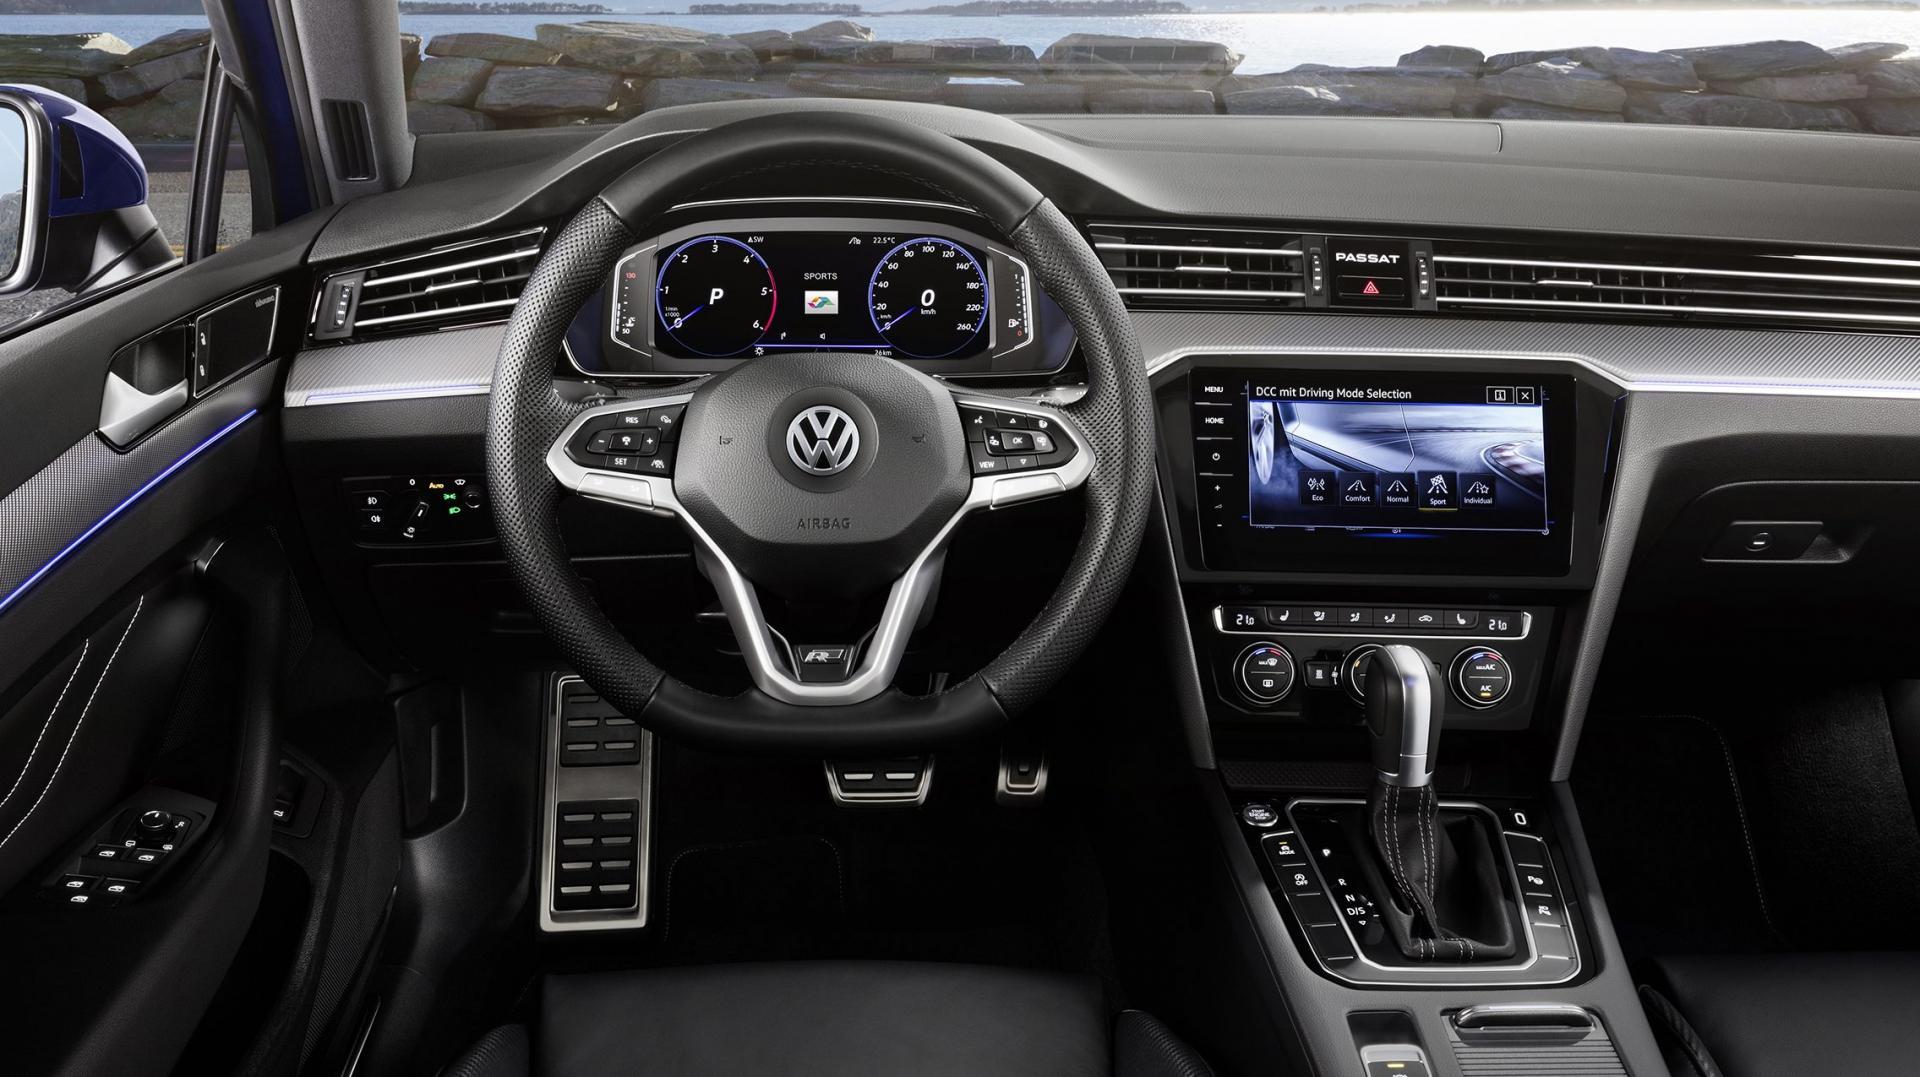 Volkswagen Passat-facelift 2019 Variant interieur